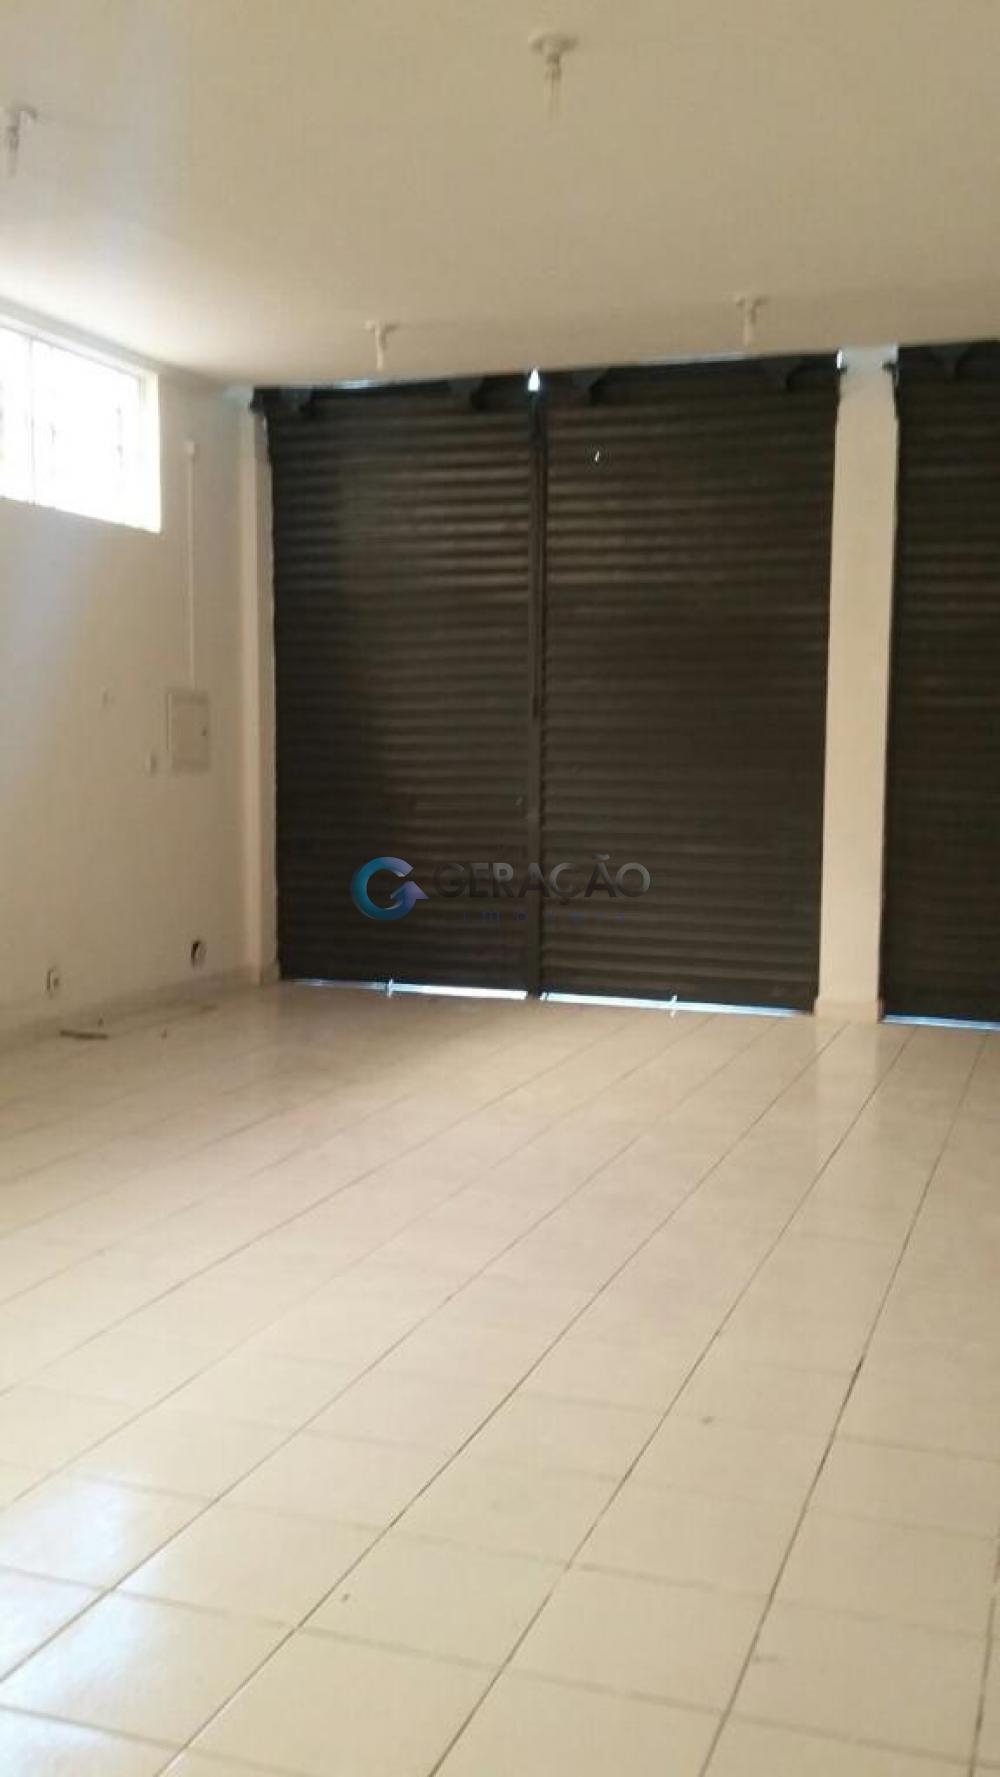 Alugar Comercial / Salão em São José dos Campos R$ 4.000,00 - Foto 3